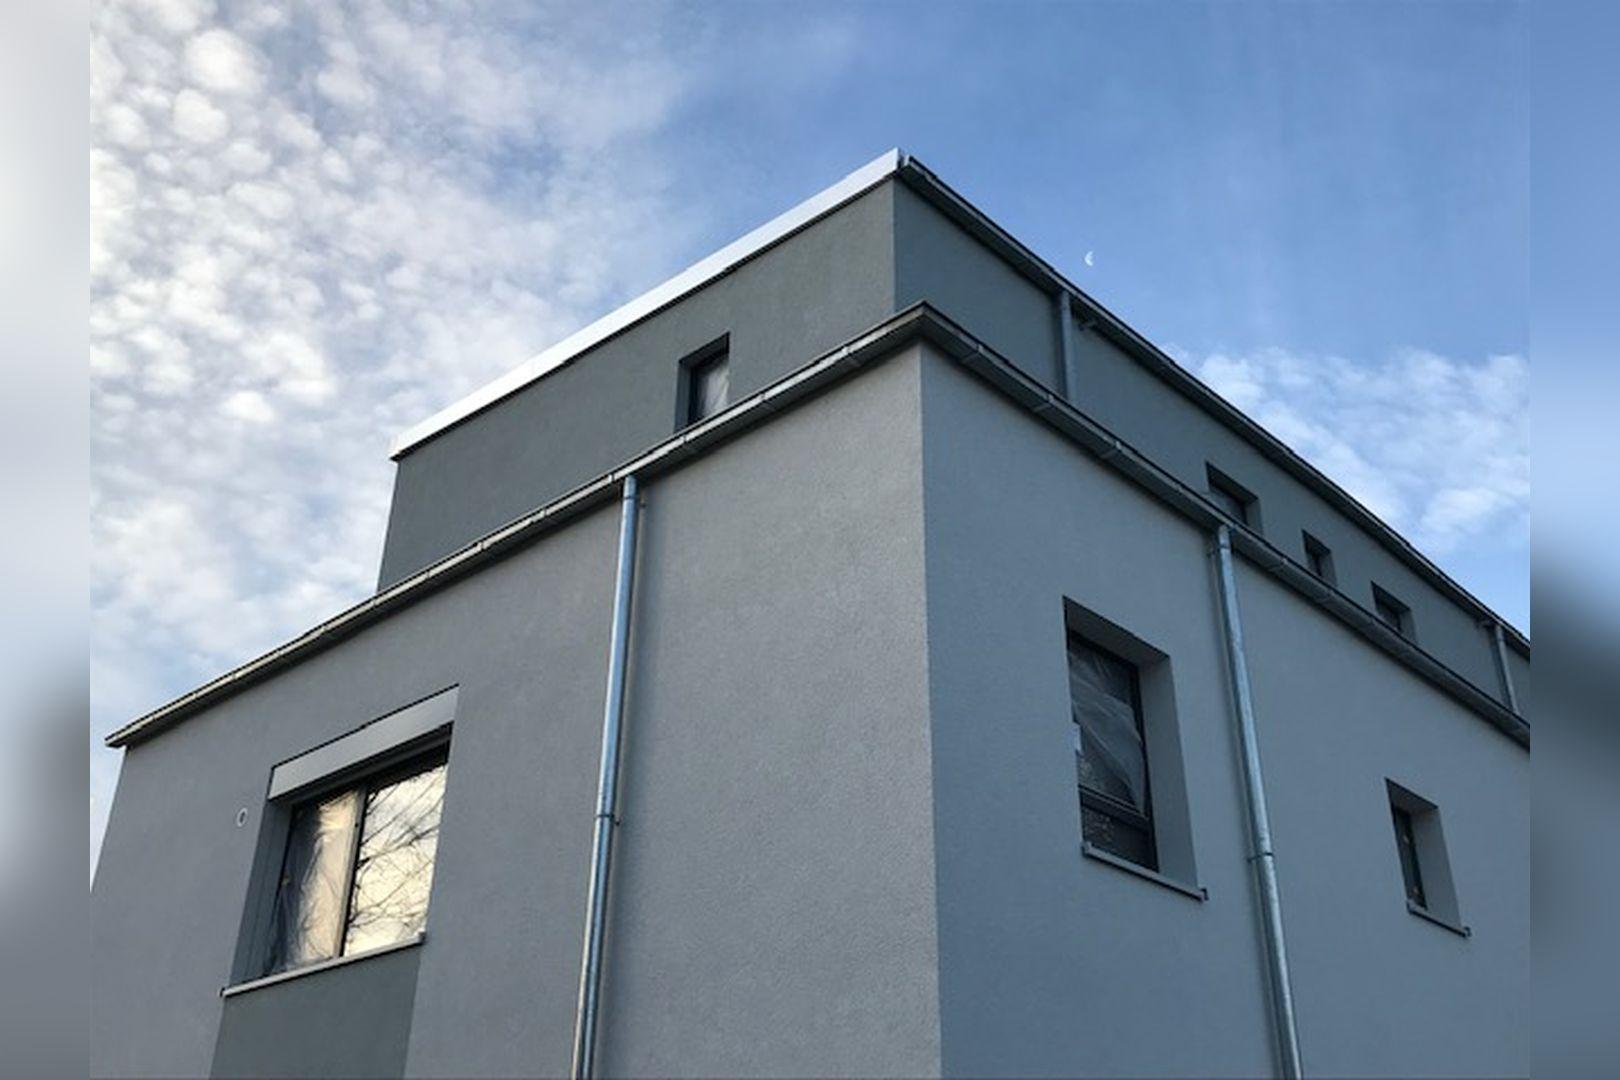 Immobilie Nr.BÖ-01.1 - BÖ-01.1; Maisonette Wohnung über EG und Sout., Garten u. Terrasse - Bild 8.jpg